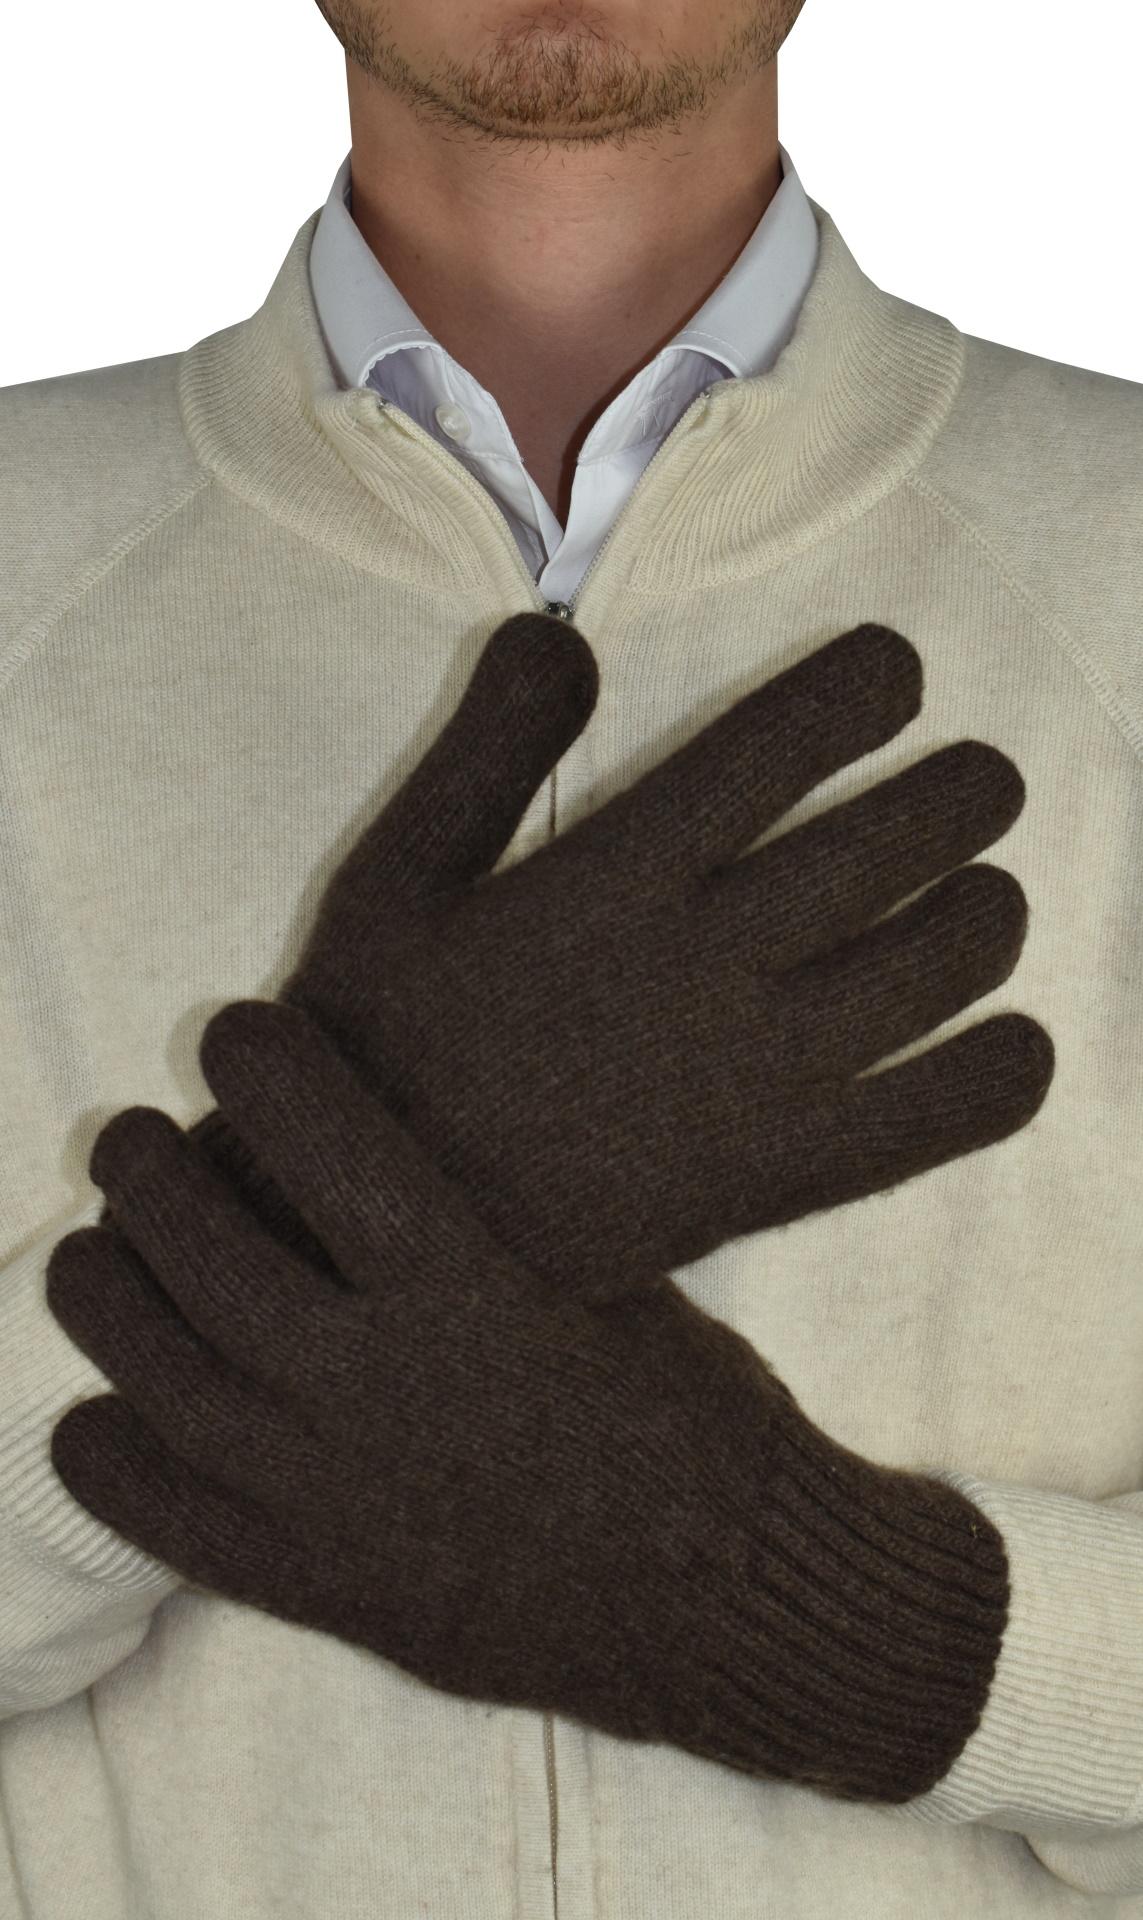 GLOVESDARIO MORO GUANTI UOMO 100 PURO CASHMERE 1 1stAmerican guanti 100% puro cashmere da uomo Made in Italy - caldi guanti invernali